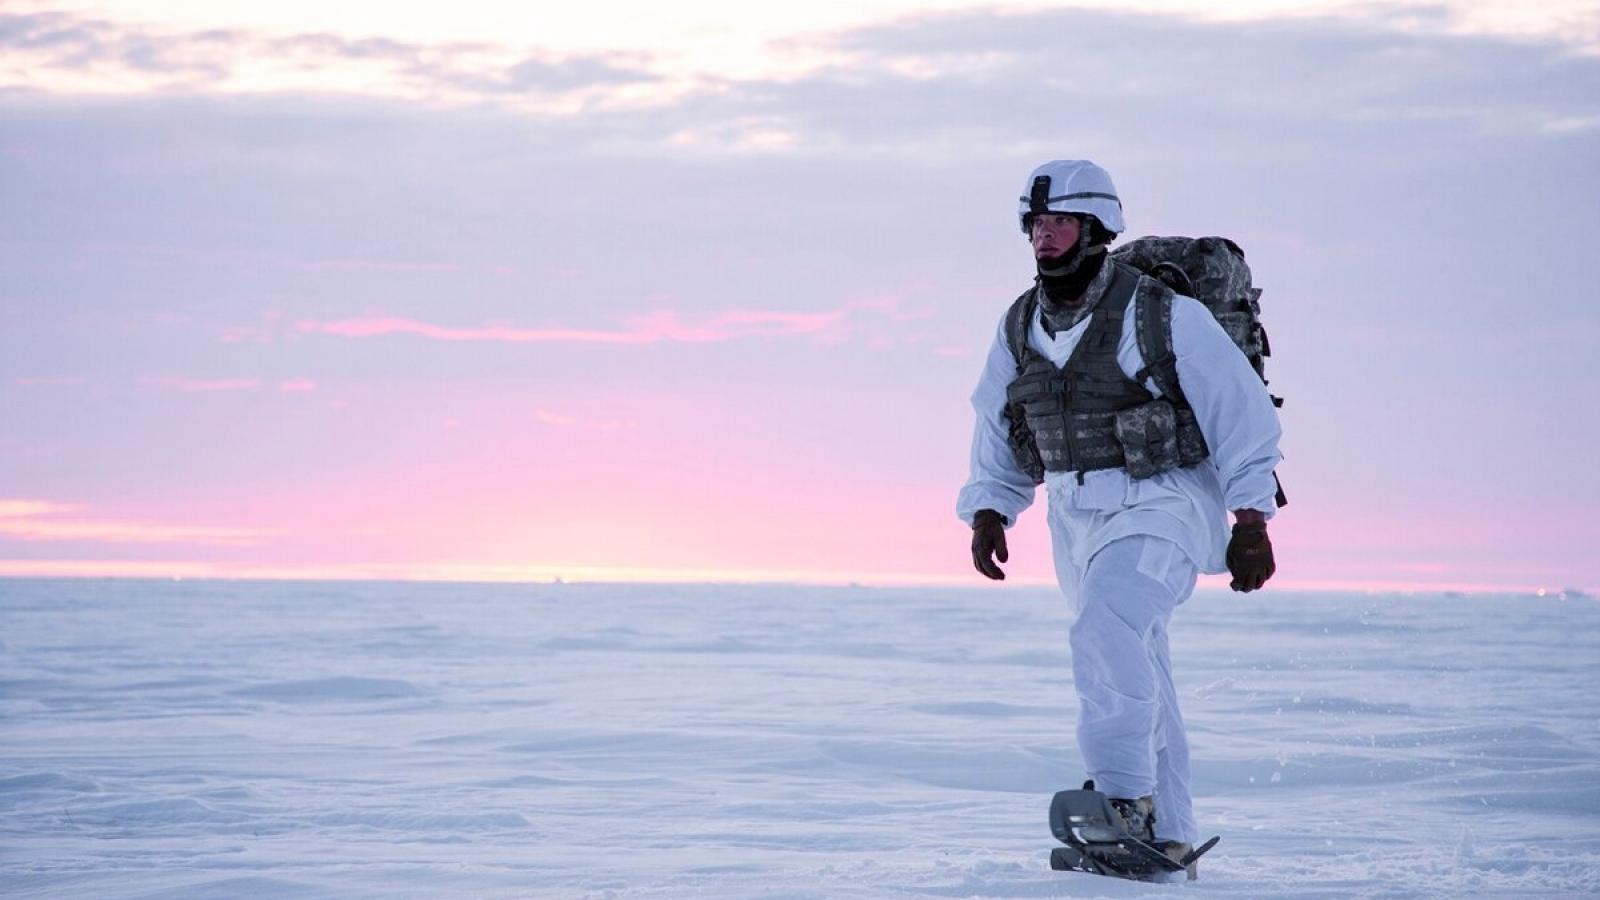 Mỹ gia tăng sự hiện diện quân sự tại Bắc Cực, sẵn sàng thách đấu Nga -Trung Quốc